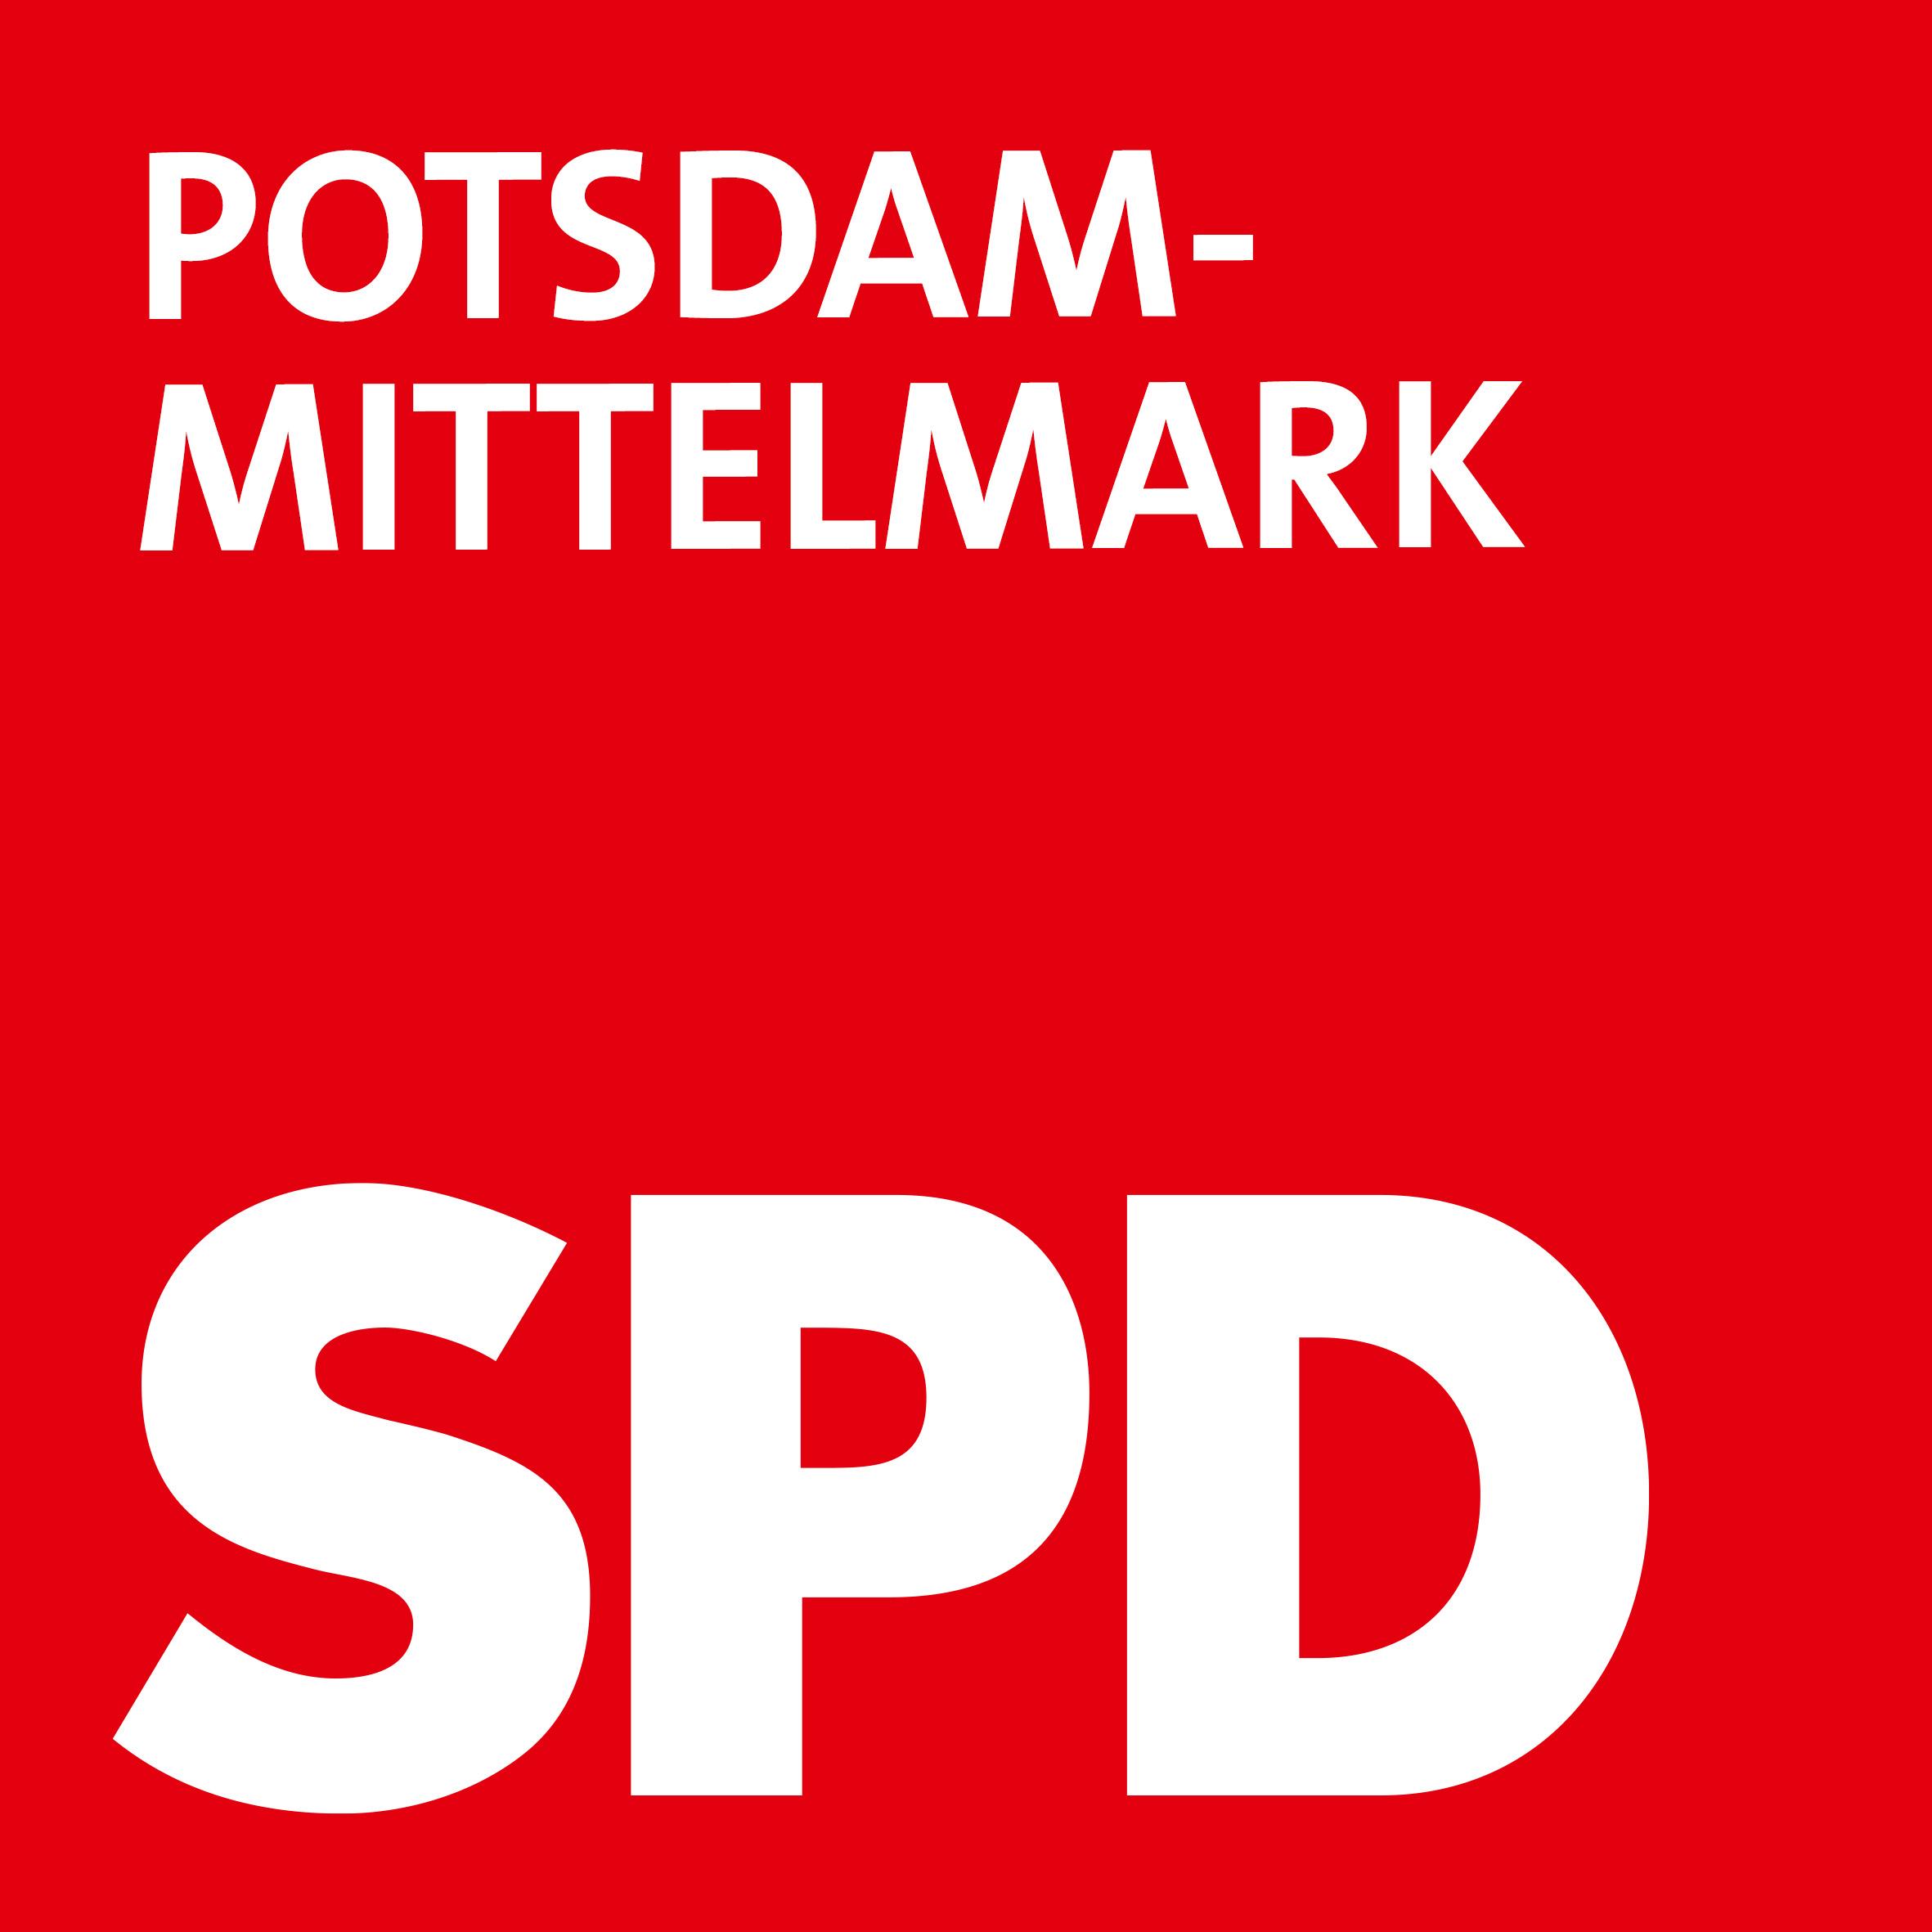 SPD Potsdam-Mittelmark